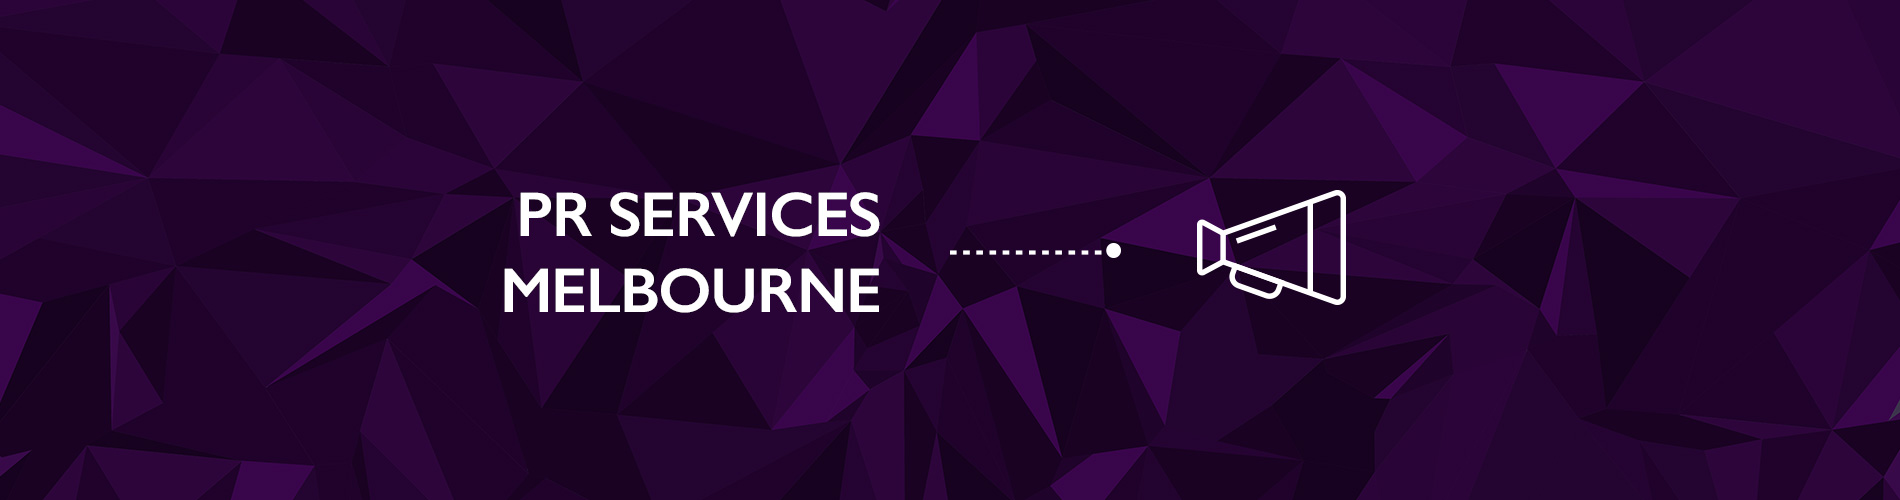 PR Services Melbourne